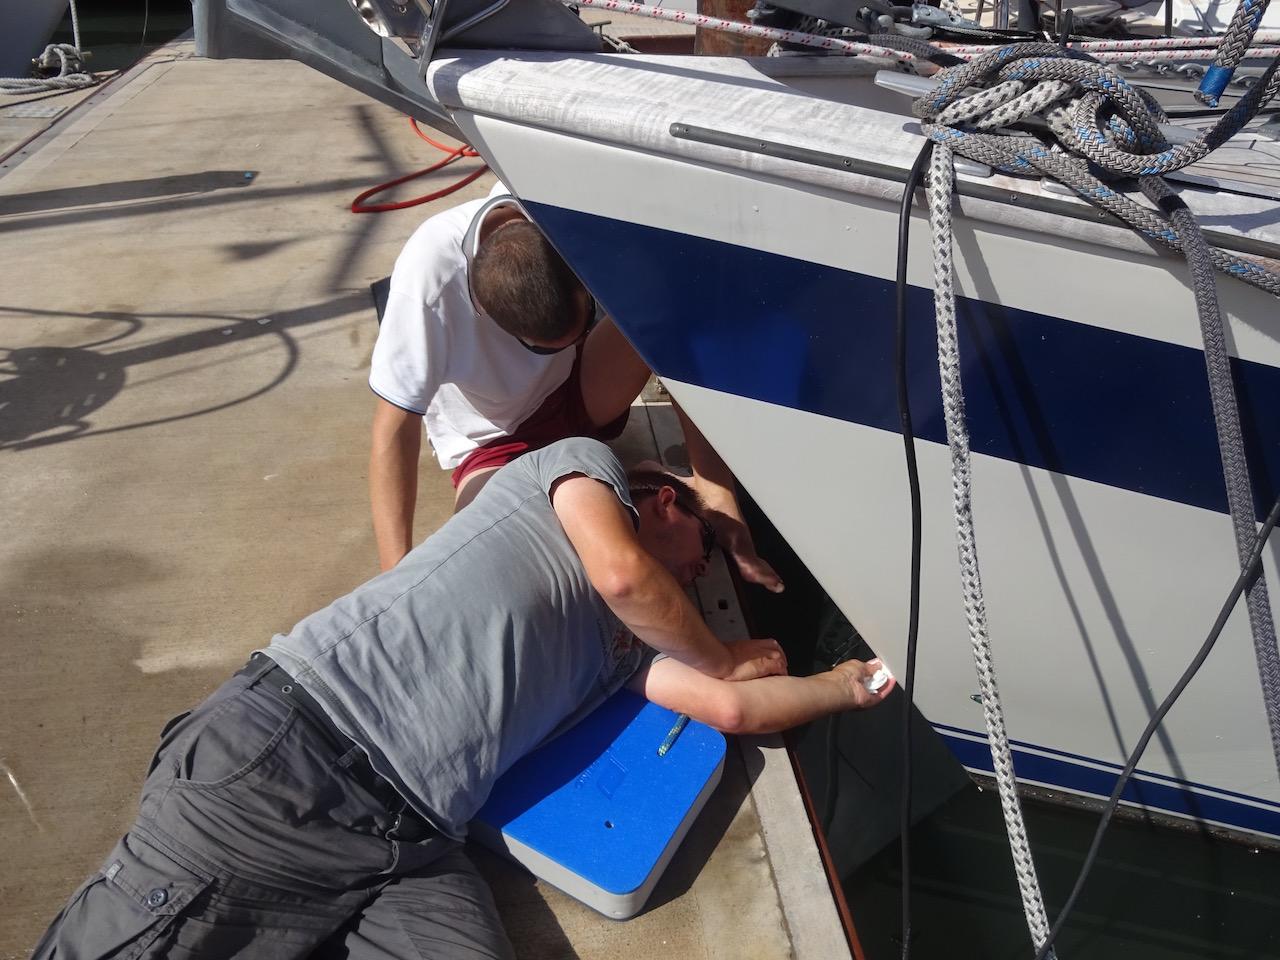 kleinere Schäden werden sofort begutachtet und repariert